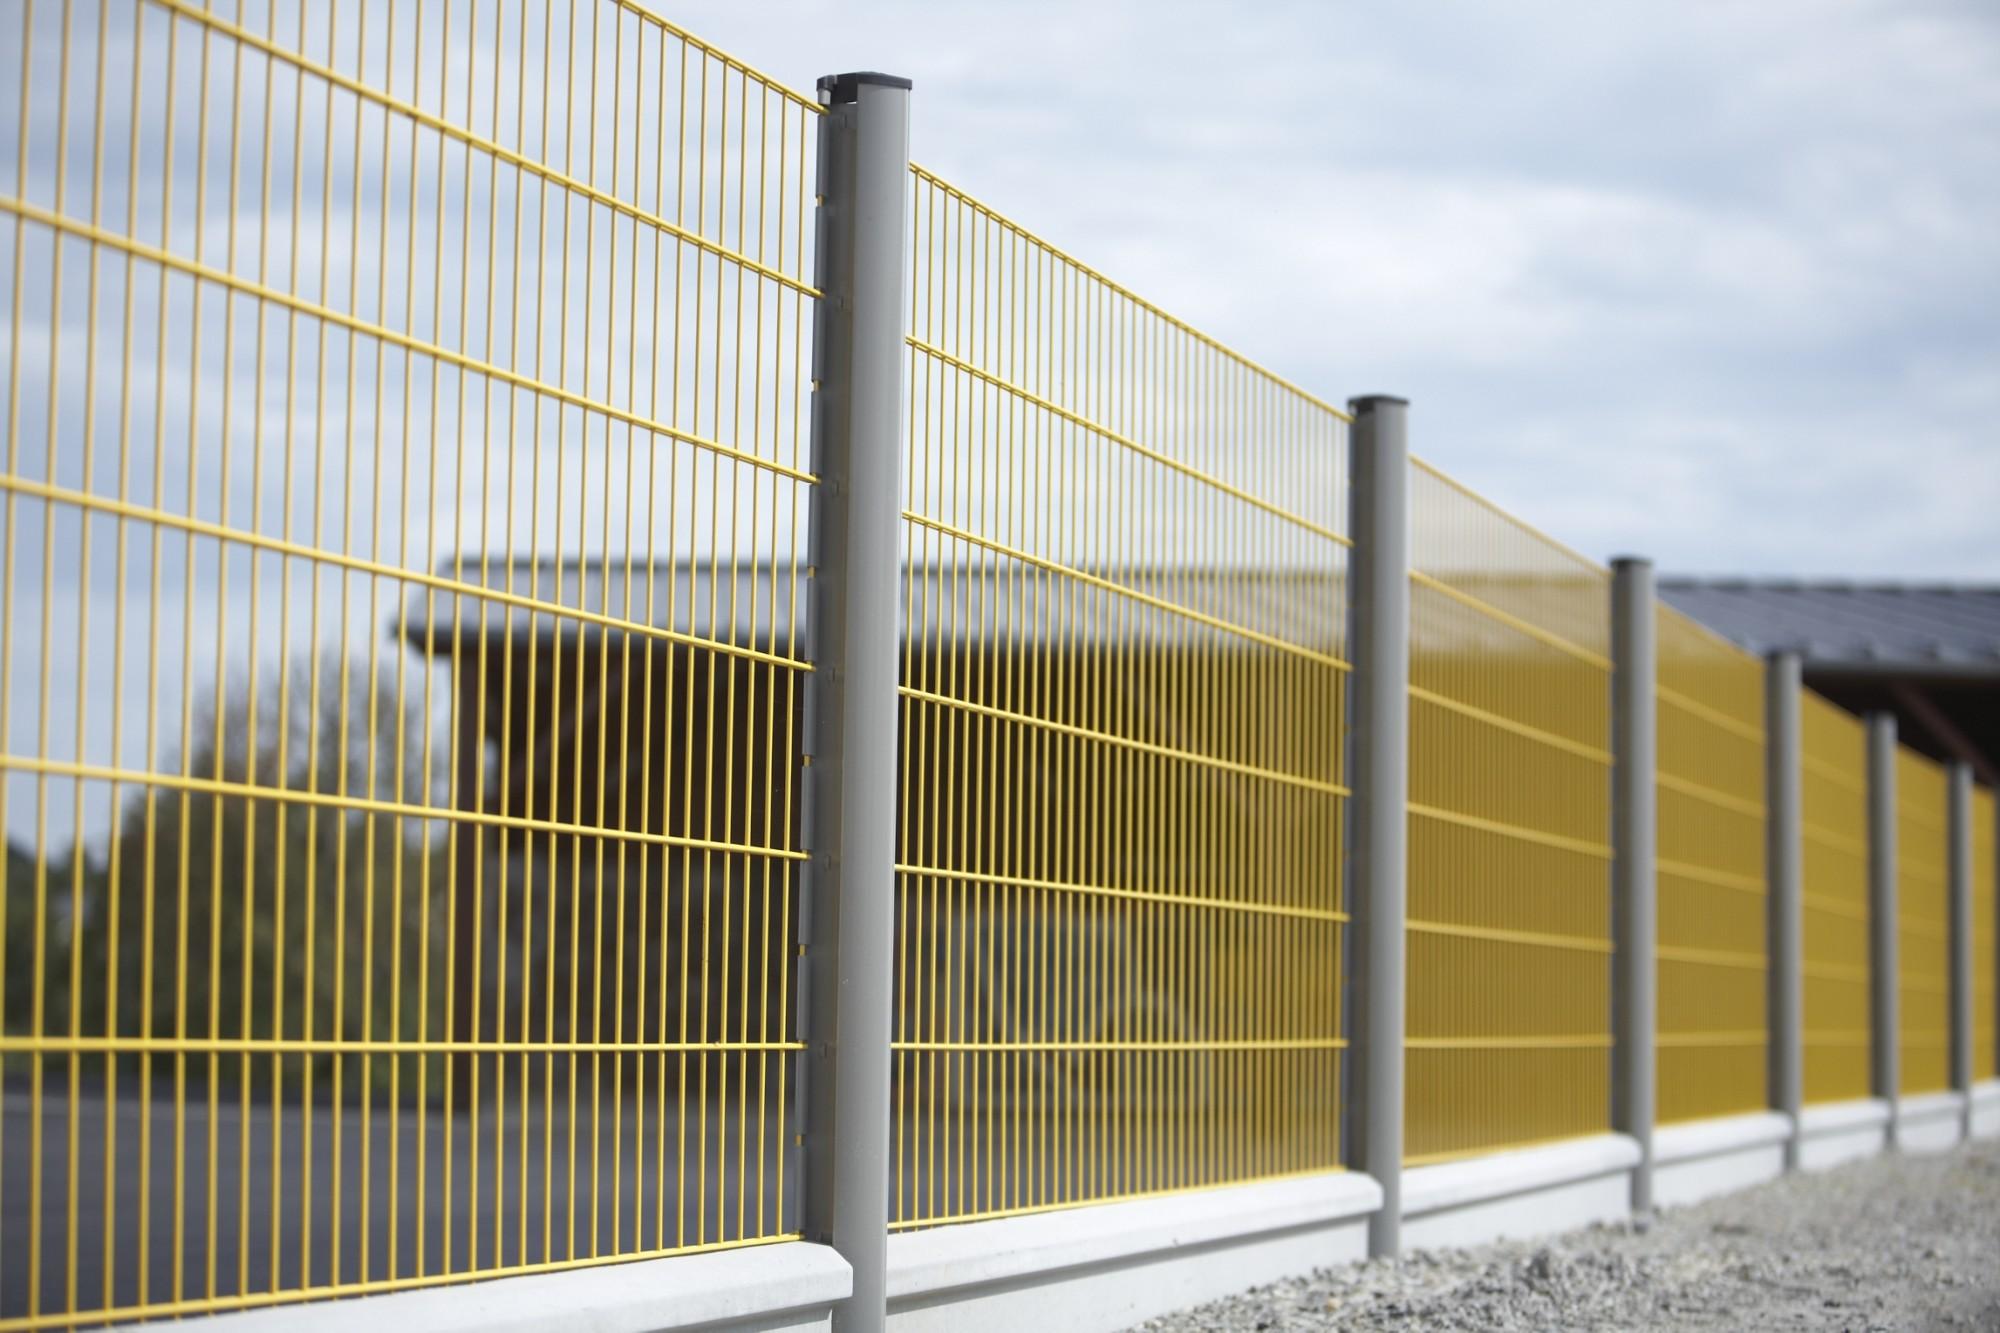 la liste de contrôle d'installation de clôture fait tout droit